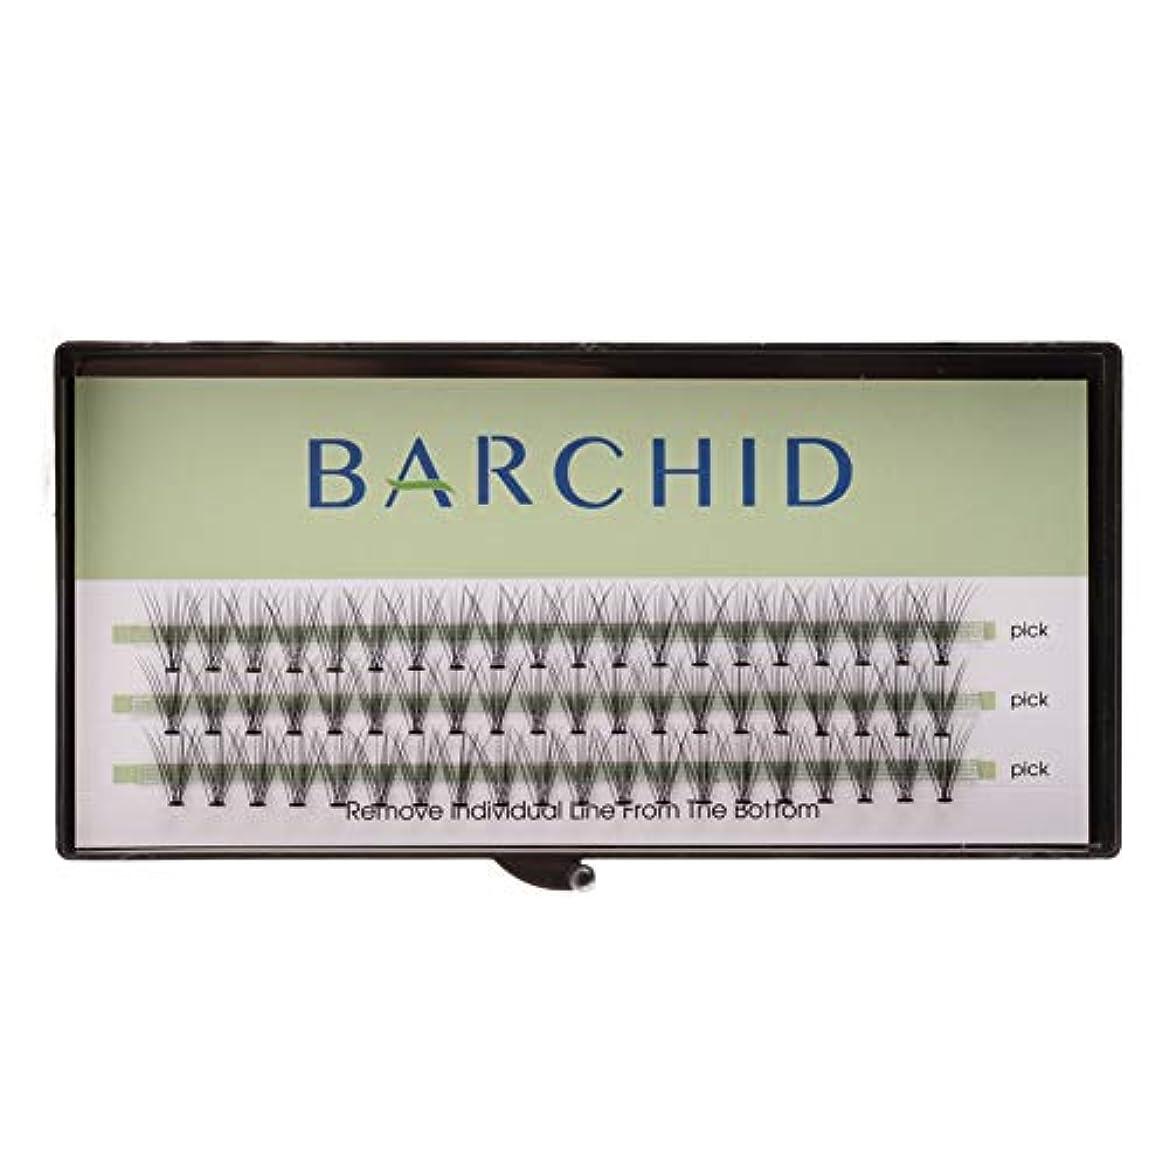 ペイン物理学者干渉するBARCHID 高品質超極細まつげエクステ太さ0.07mm 10本束10mm Cカール フレア セルフ用 素材  マツエク